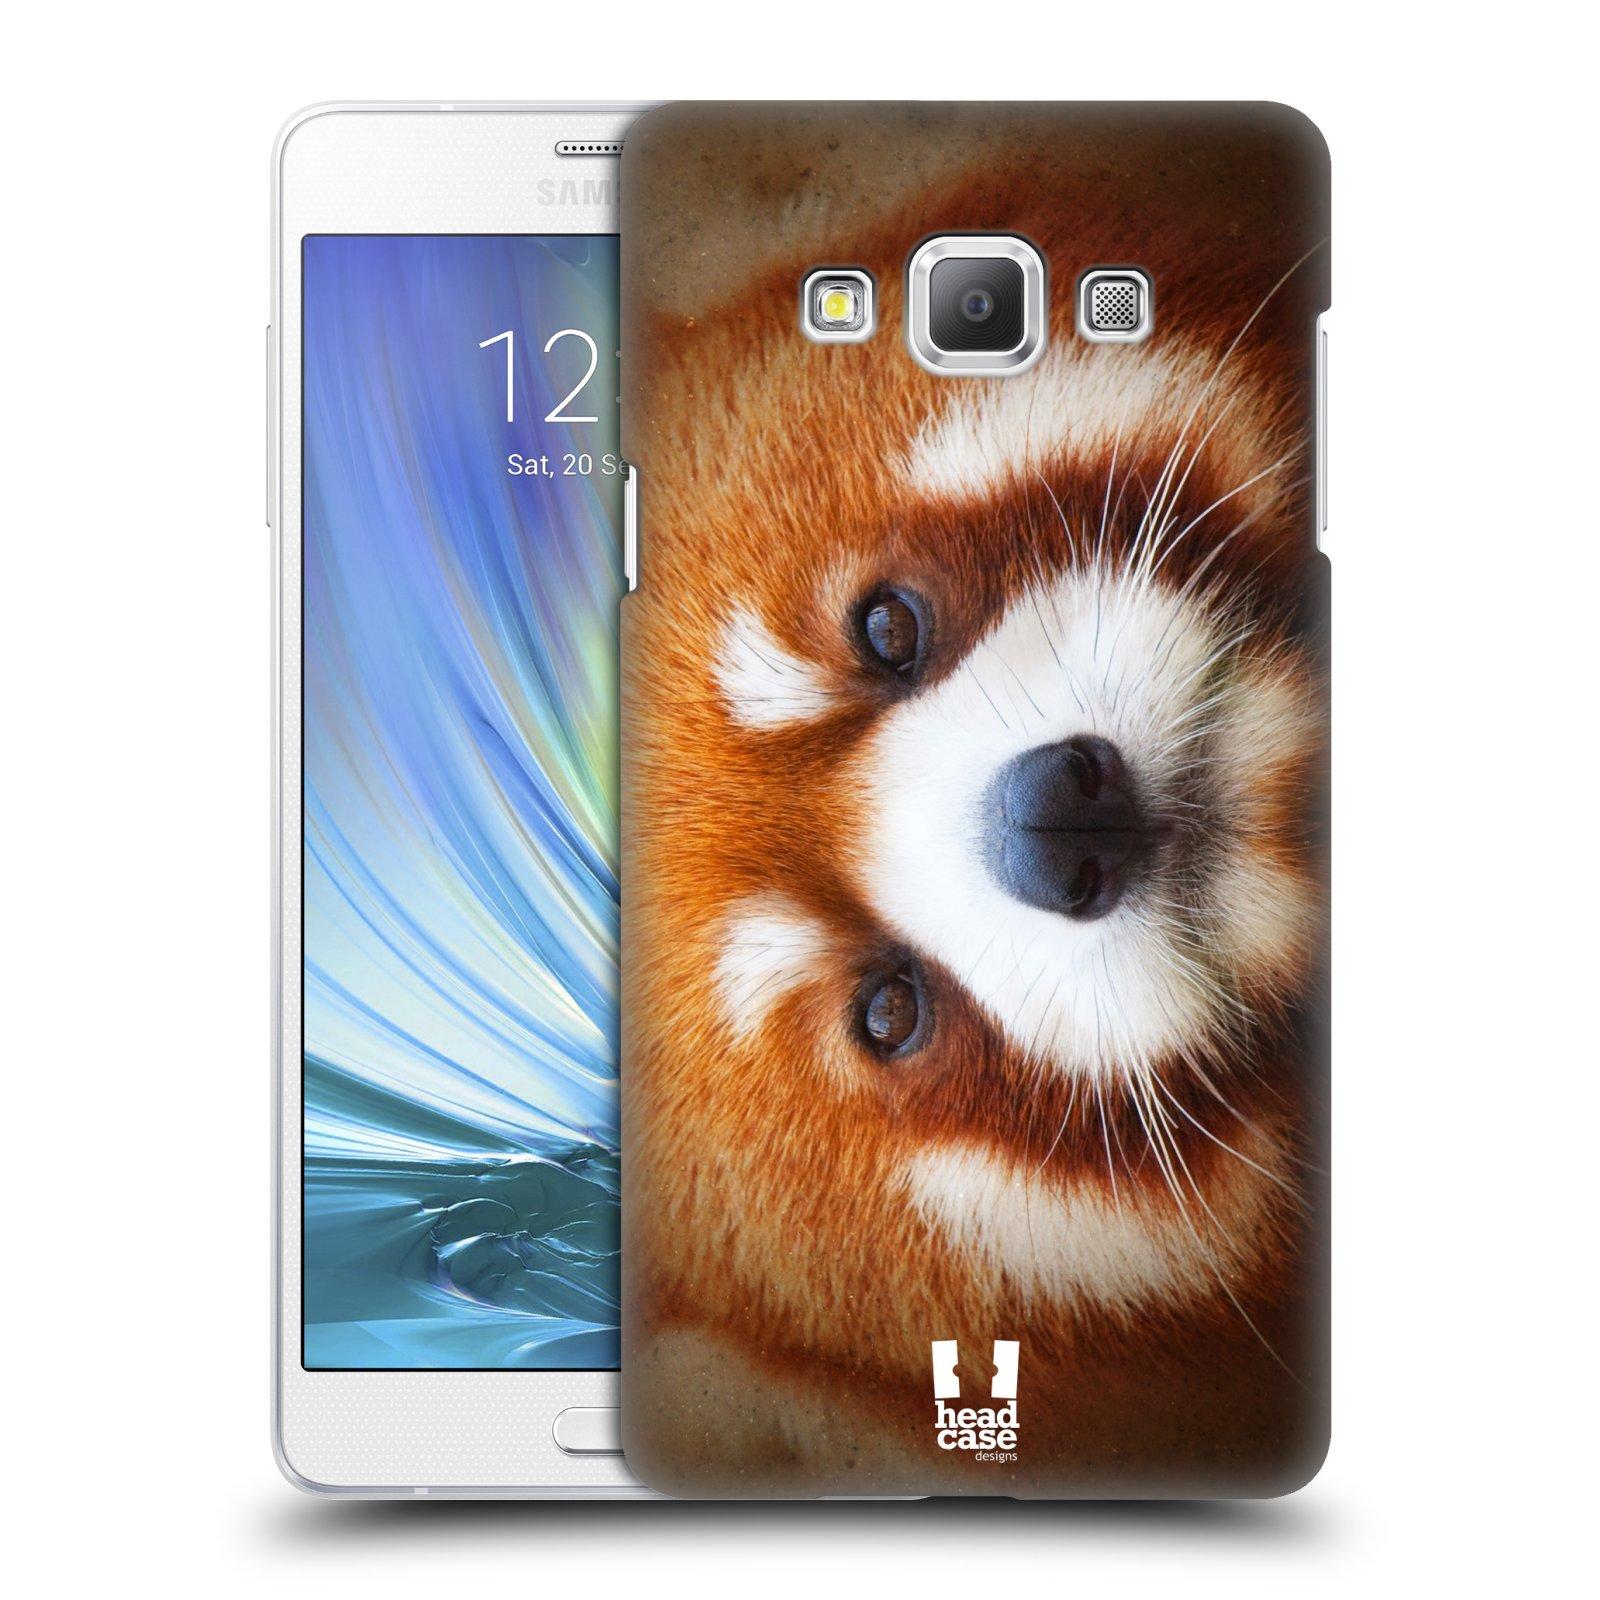 HEAD CASE plastový obal na mobil SAMSUNG GALAXY A7 vzor Zvířecí tváře 2 medvěd panda rudá